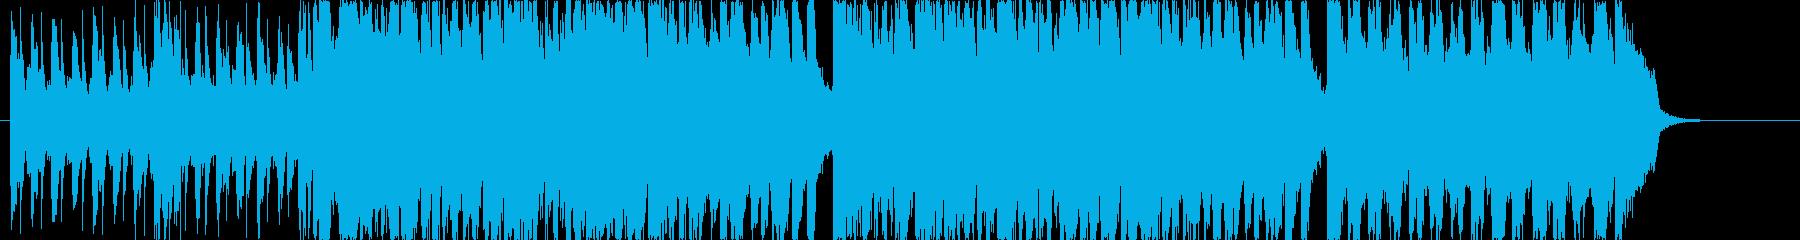 逃走や戦闘時のBGMの再生済みの波形